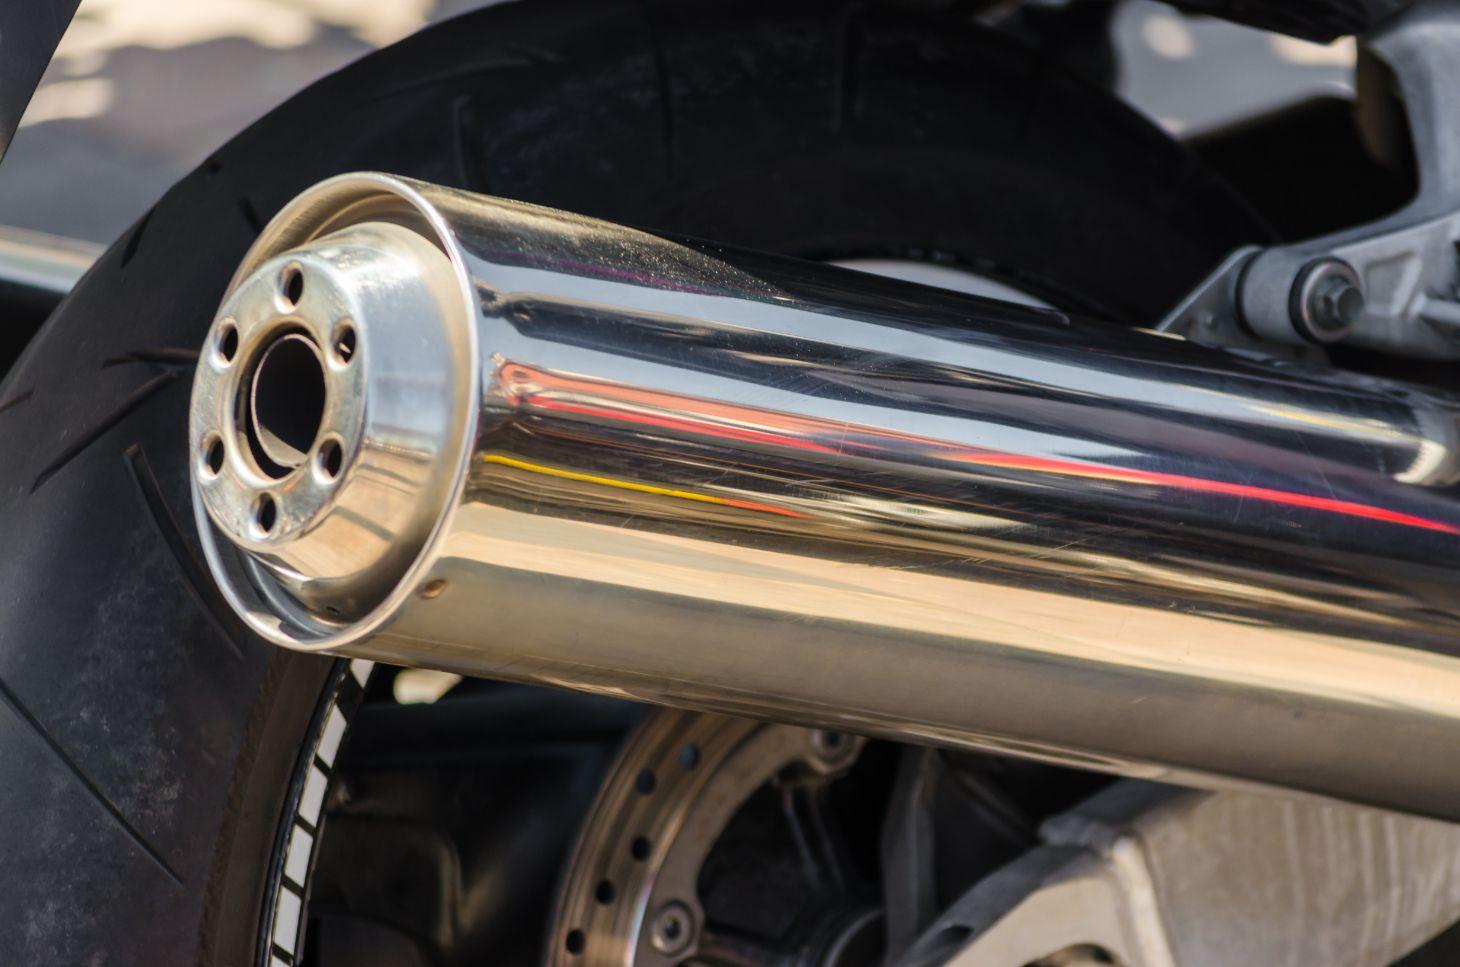 cano de descarga de moto cromado escapamento motocicleta foto shutterstock